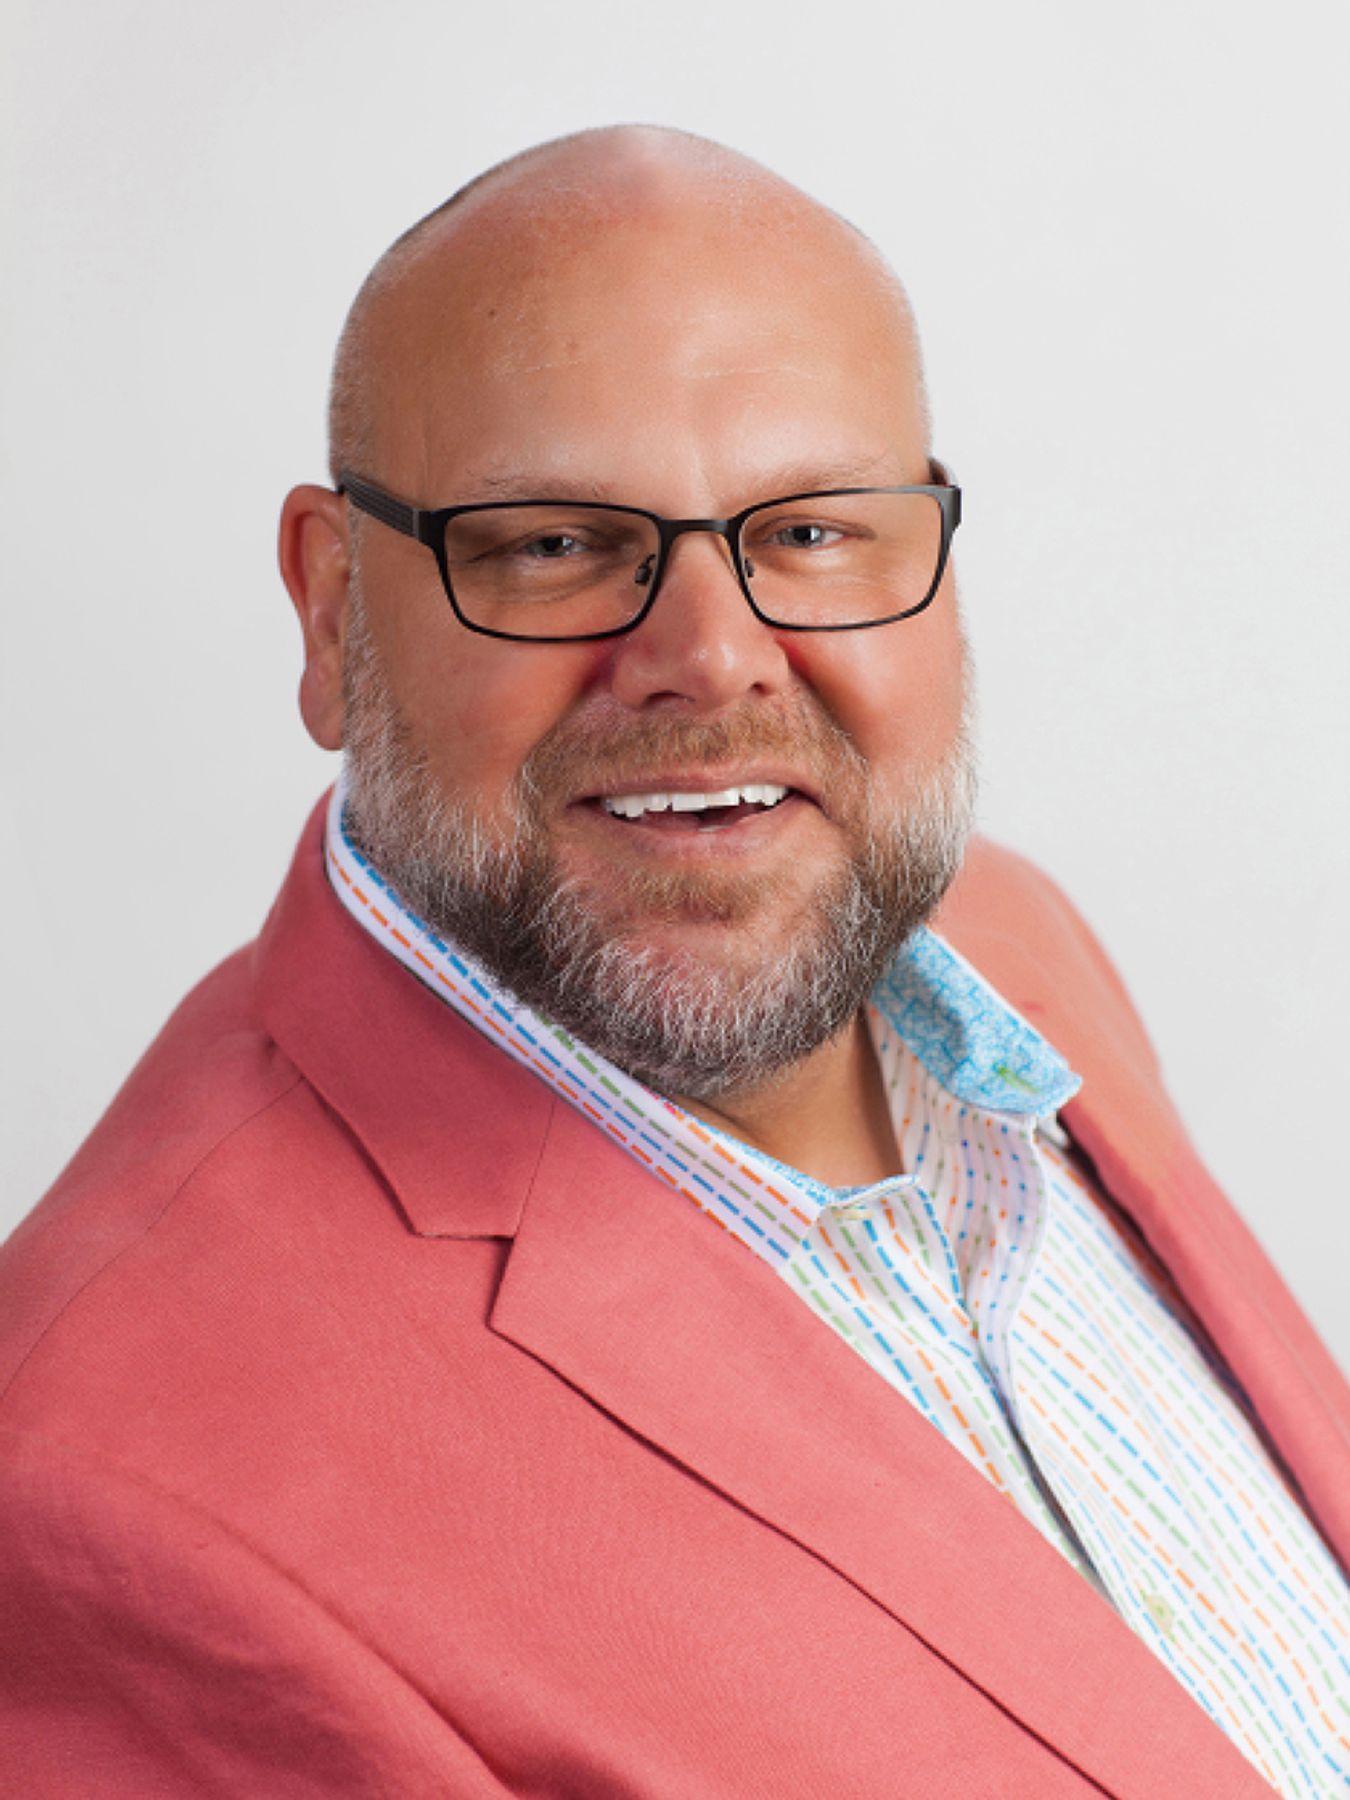 Keith Vanderlaan